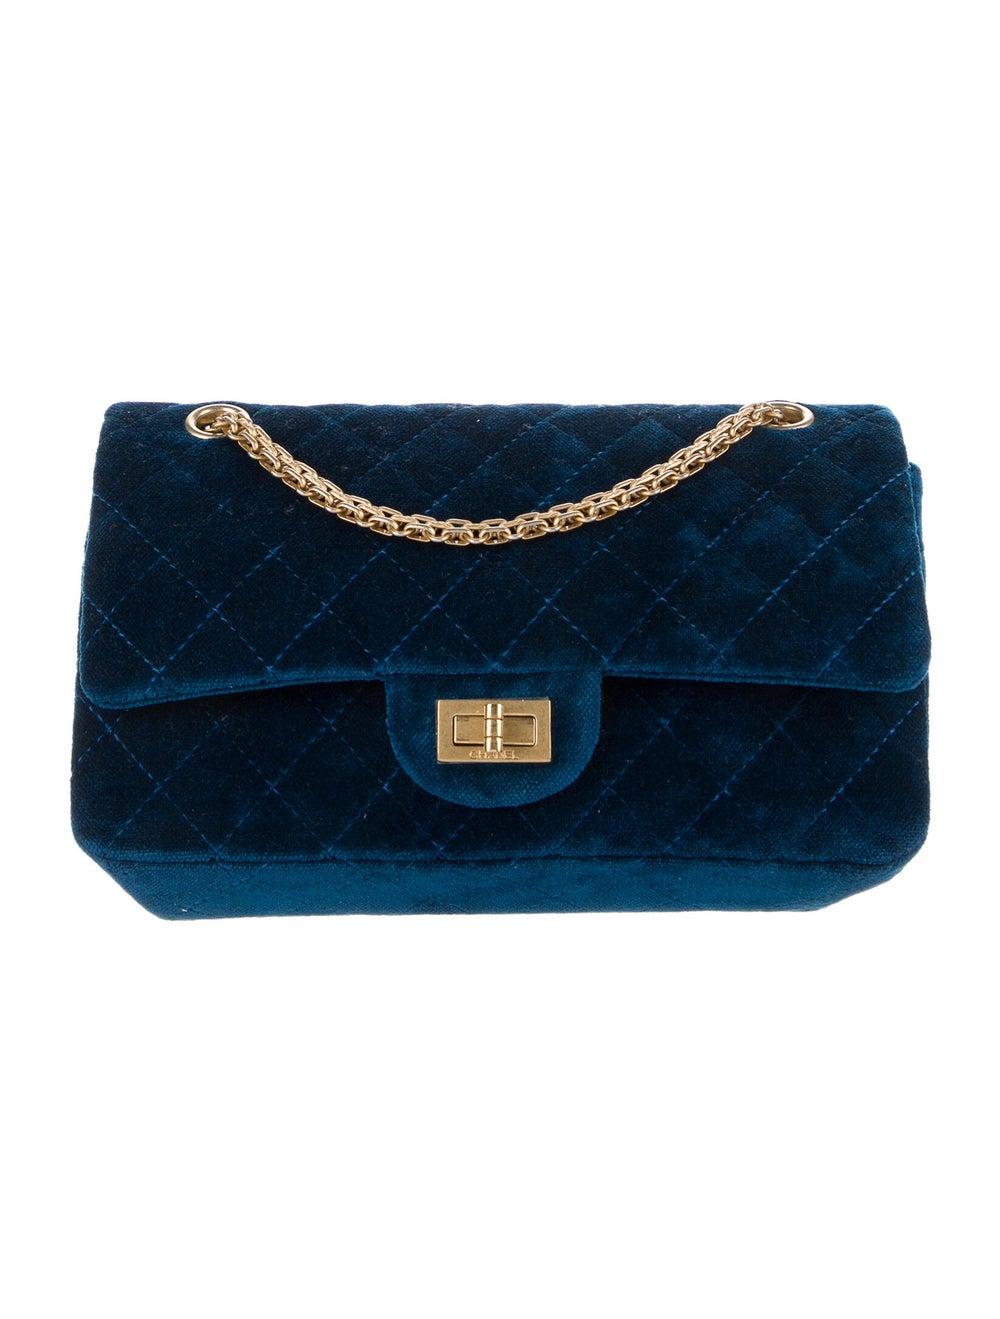 Chanel Velvet Reissue 225 Flap Bag Blue - image 1